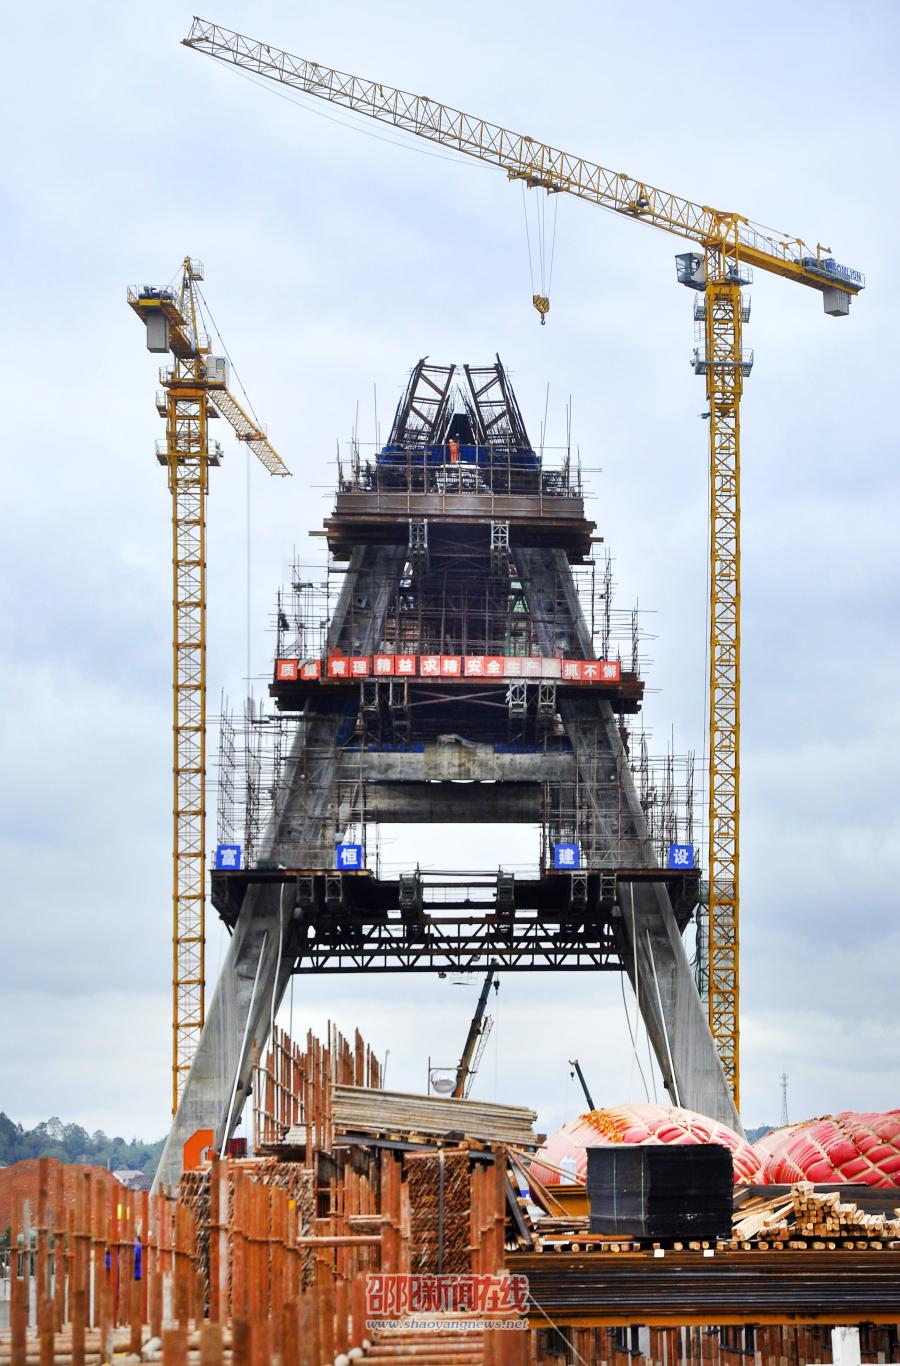 邵阳雪峰大桥主塔建设完成63米 12月底完成施工